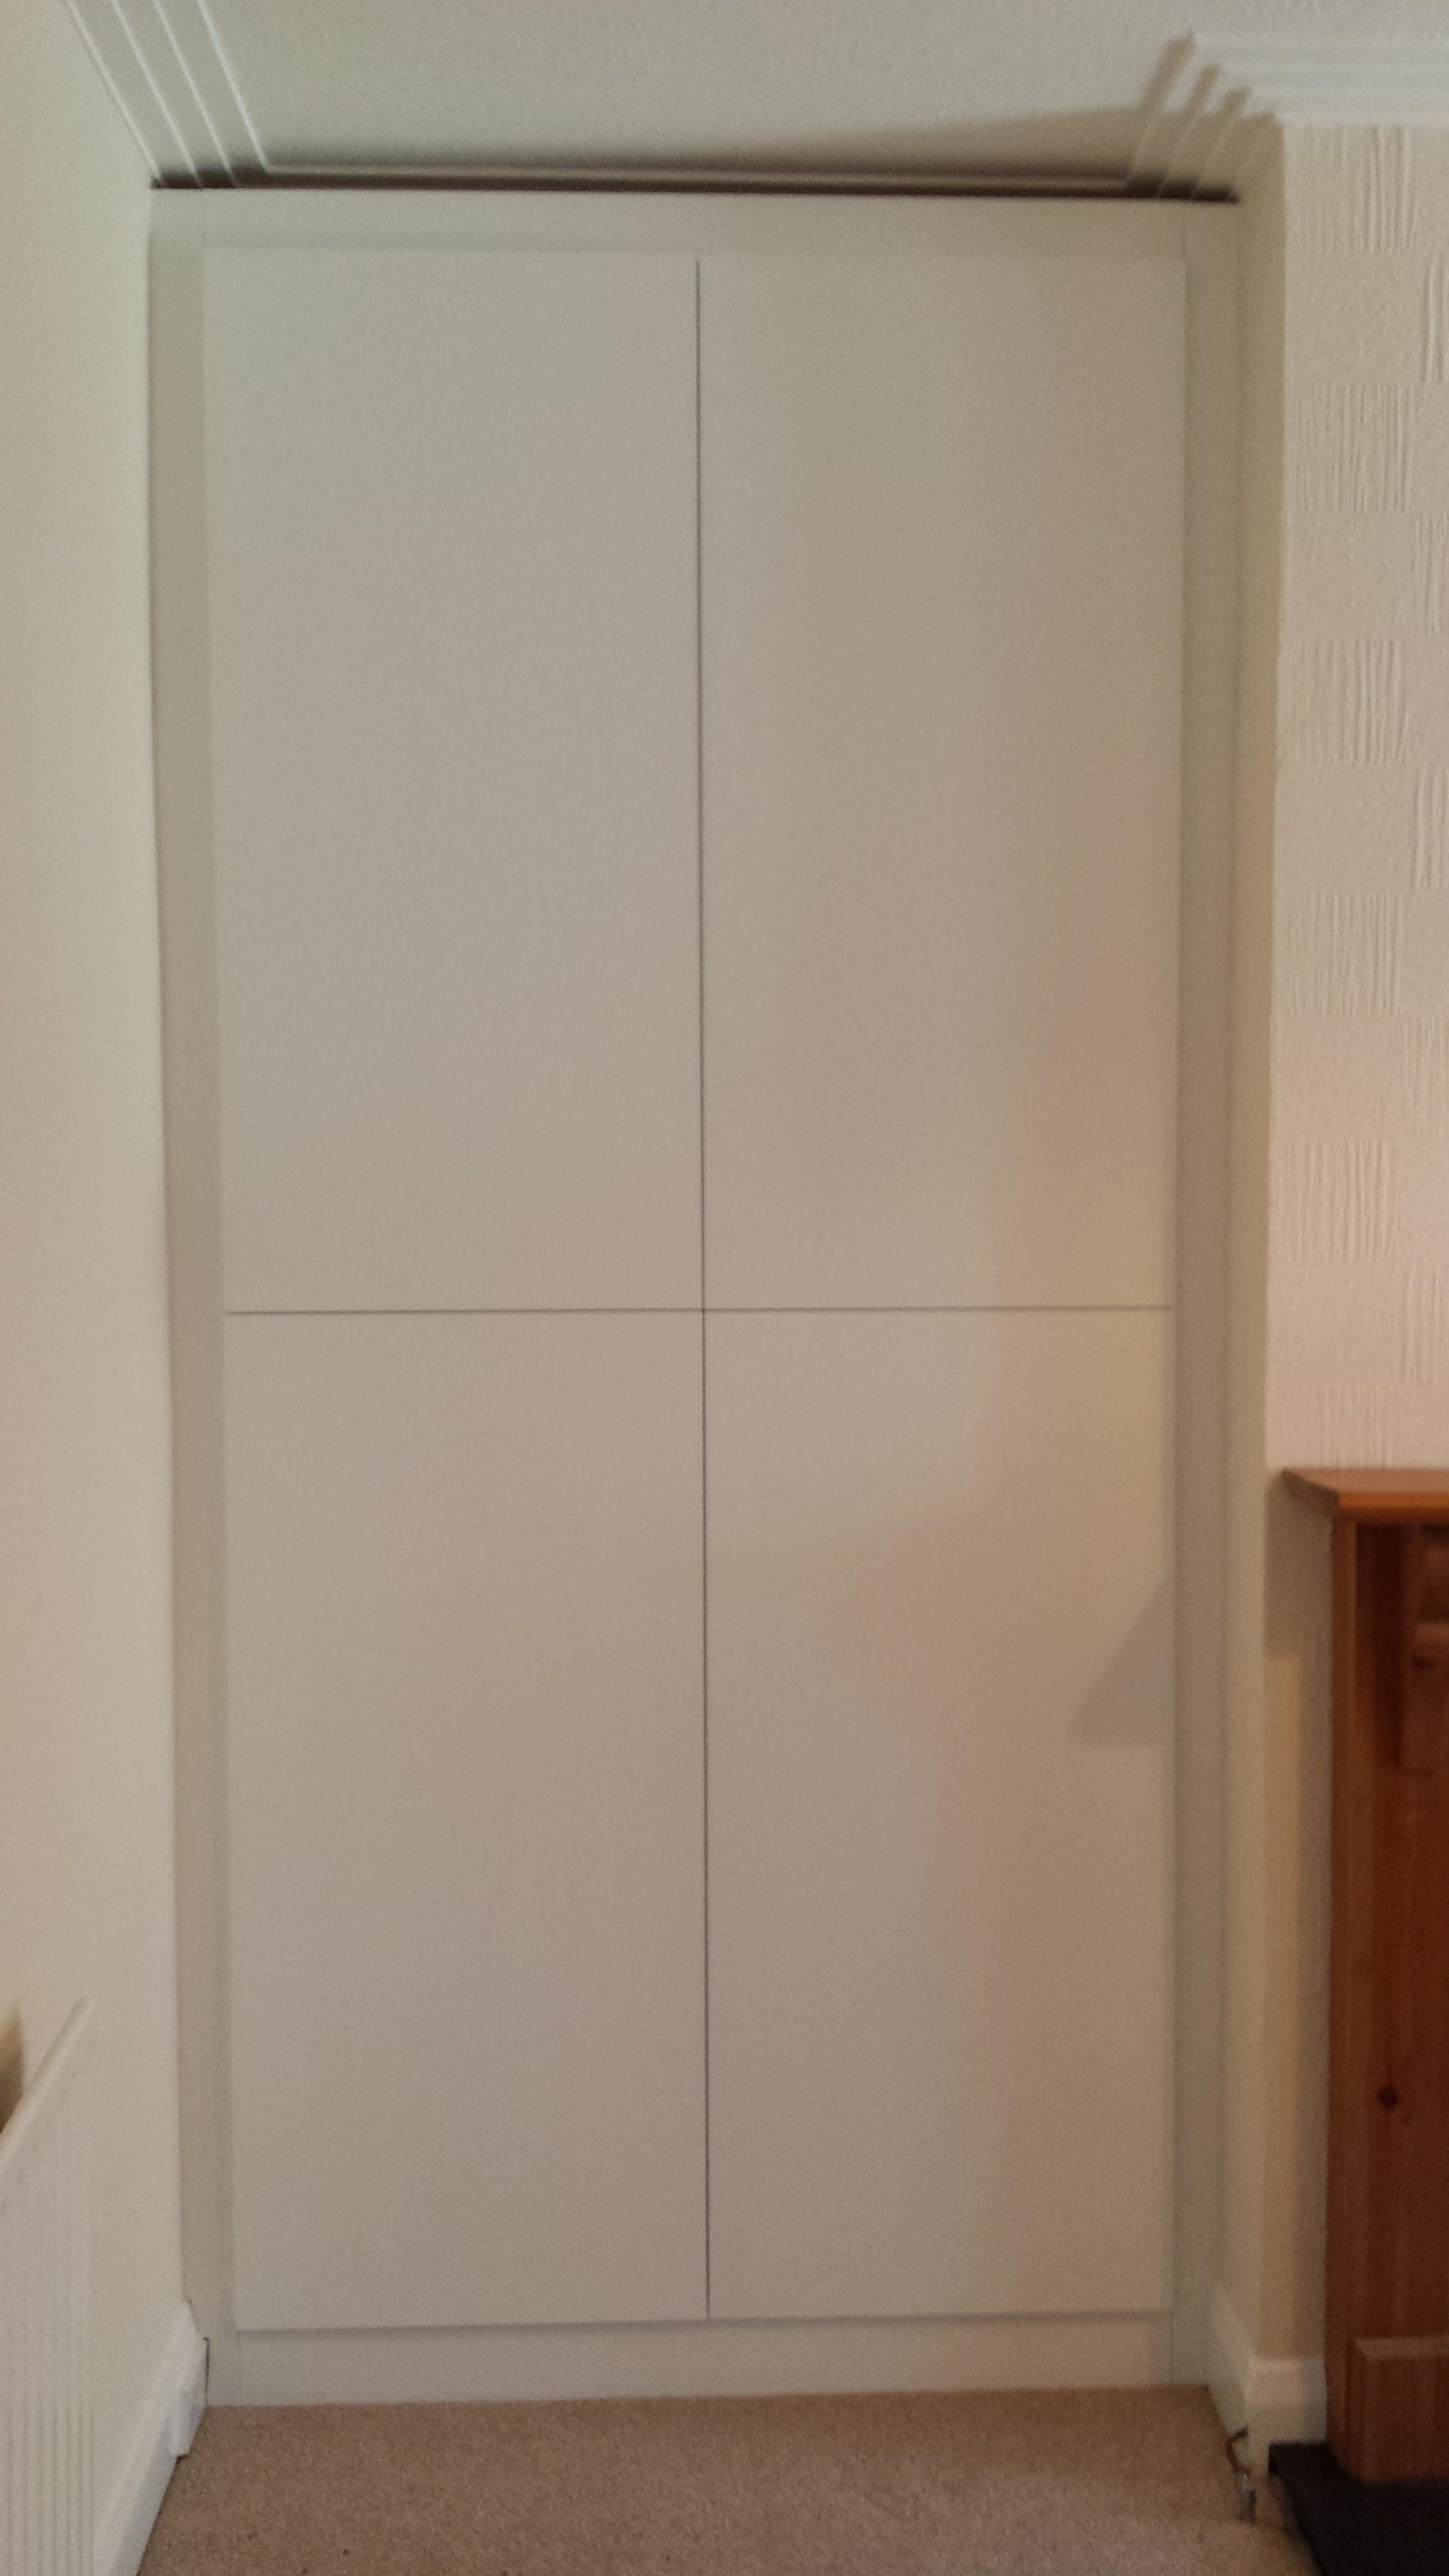 4 door flush cabinet